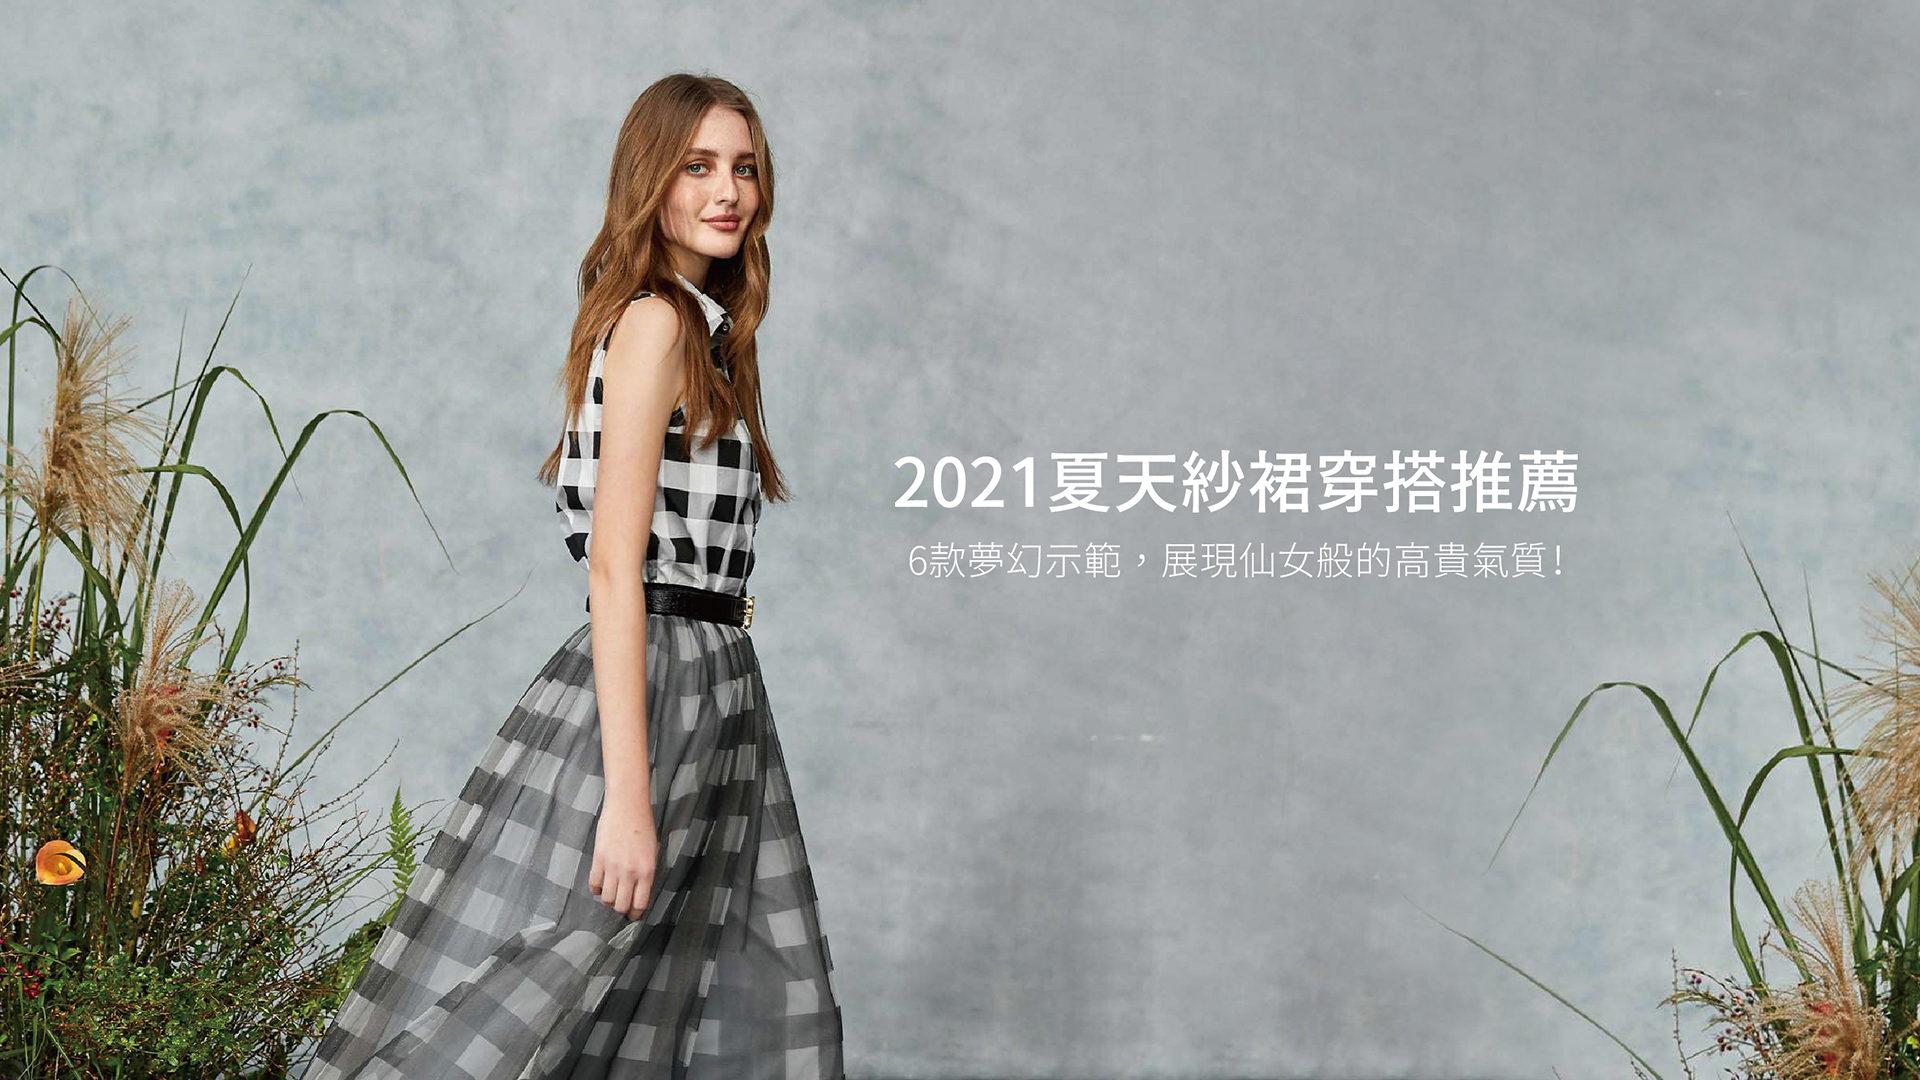 2021夏天紗裙穿搭推薦:6款夢幻示範,展現仙女般的高貴氣質!